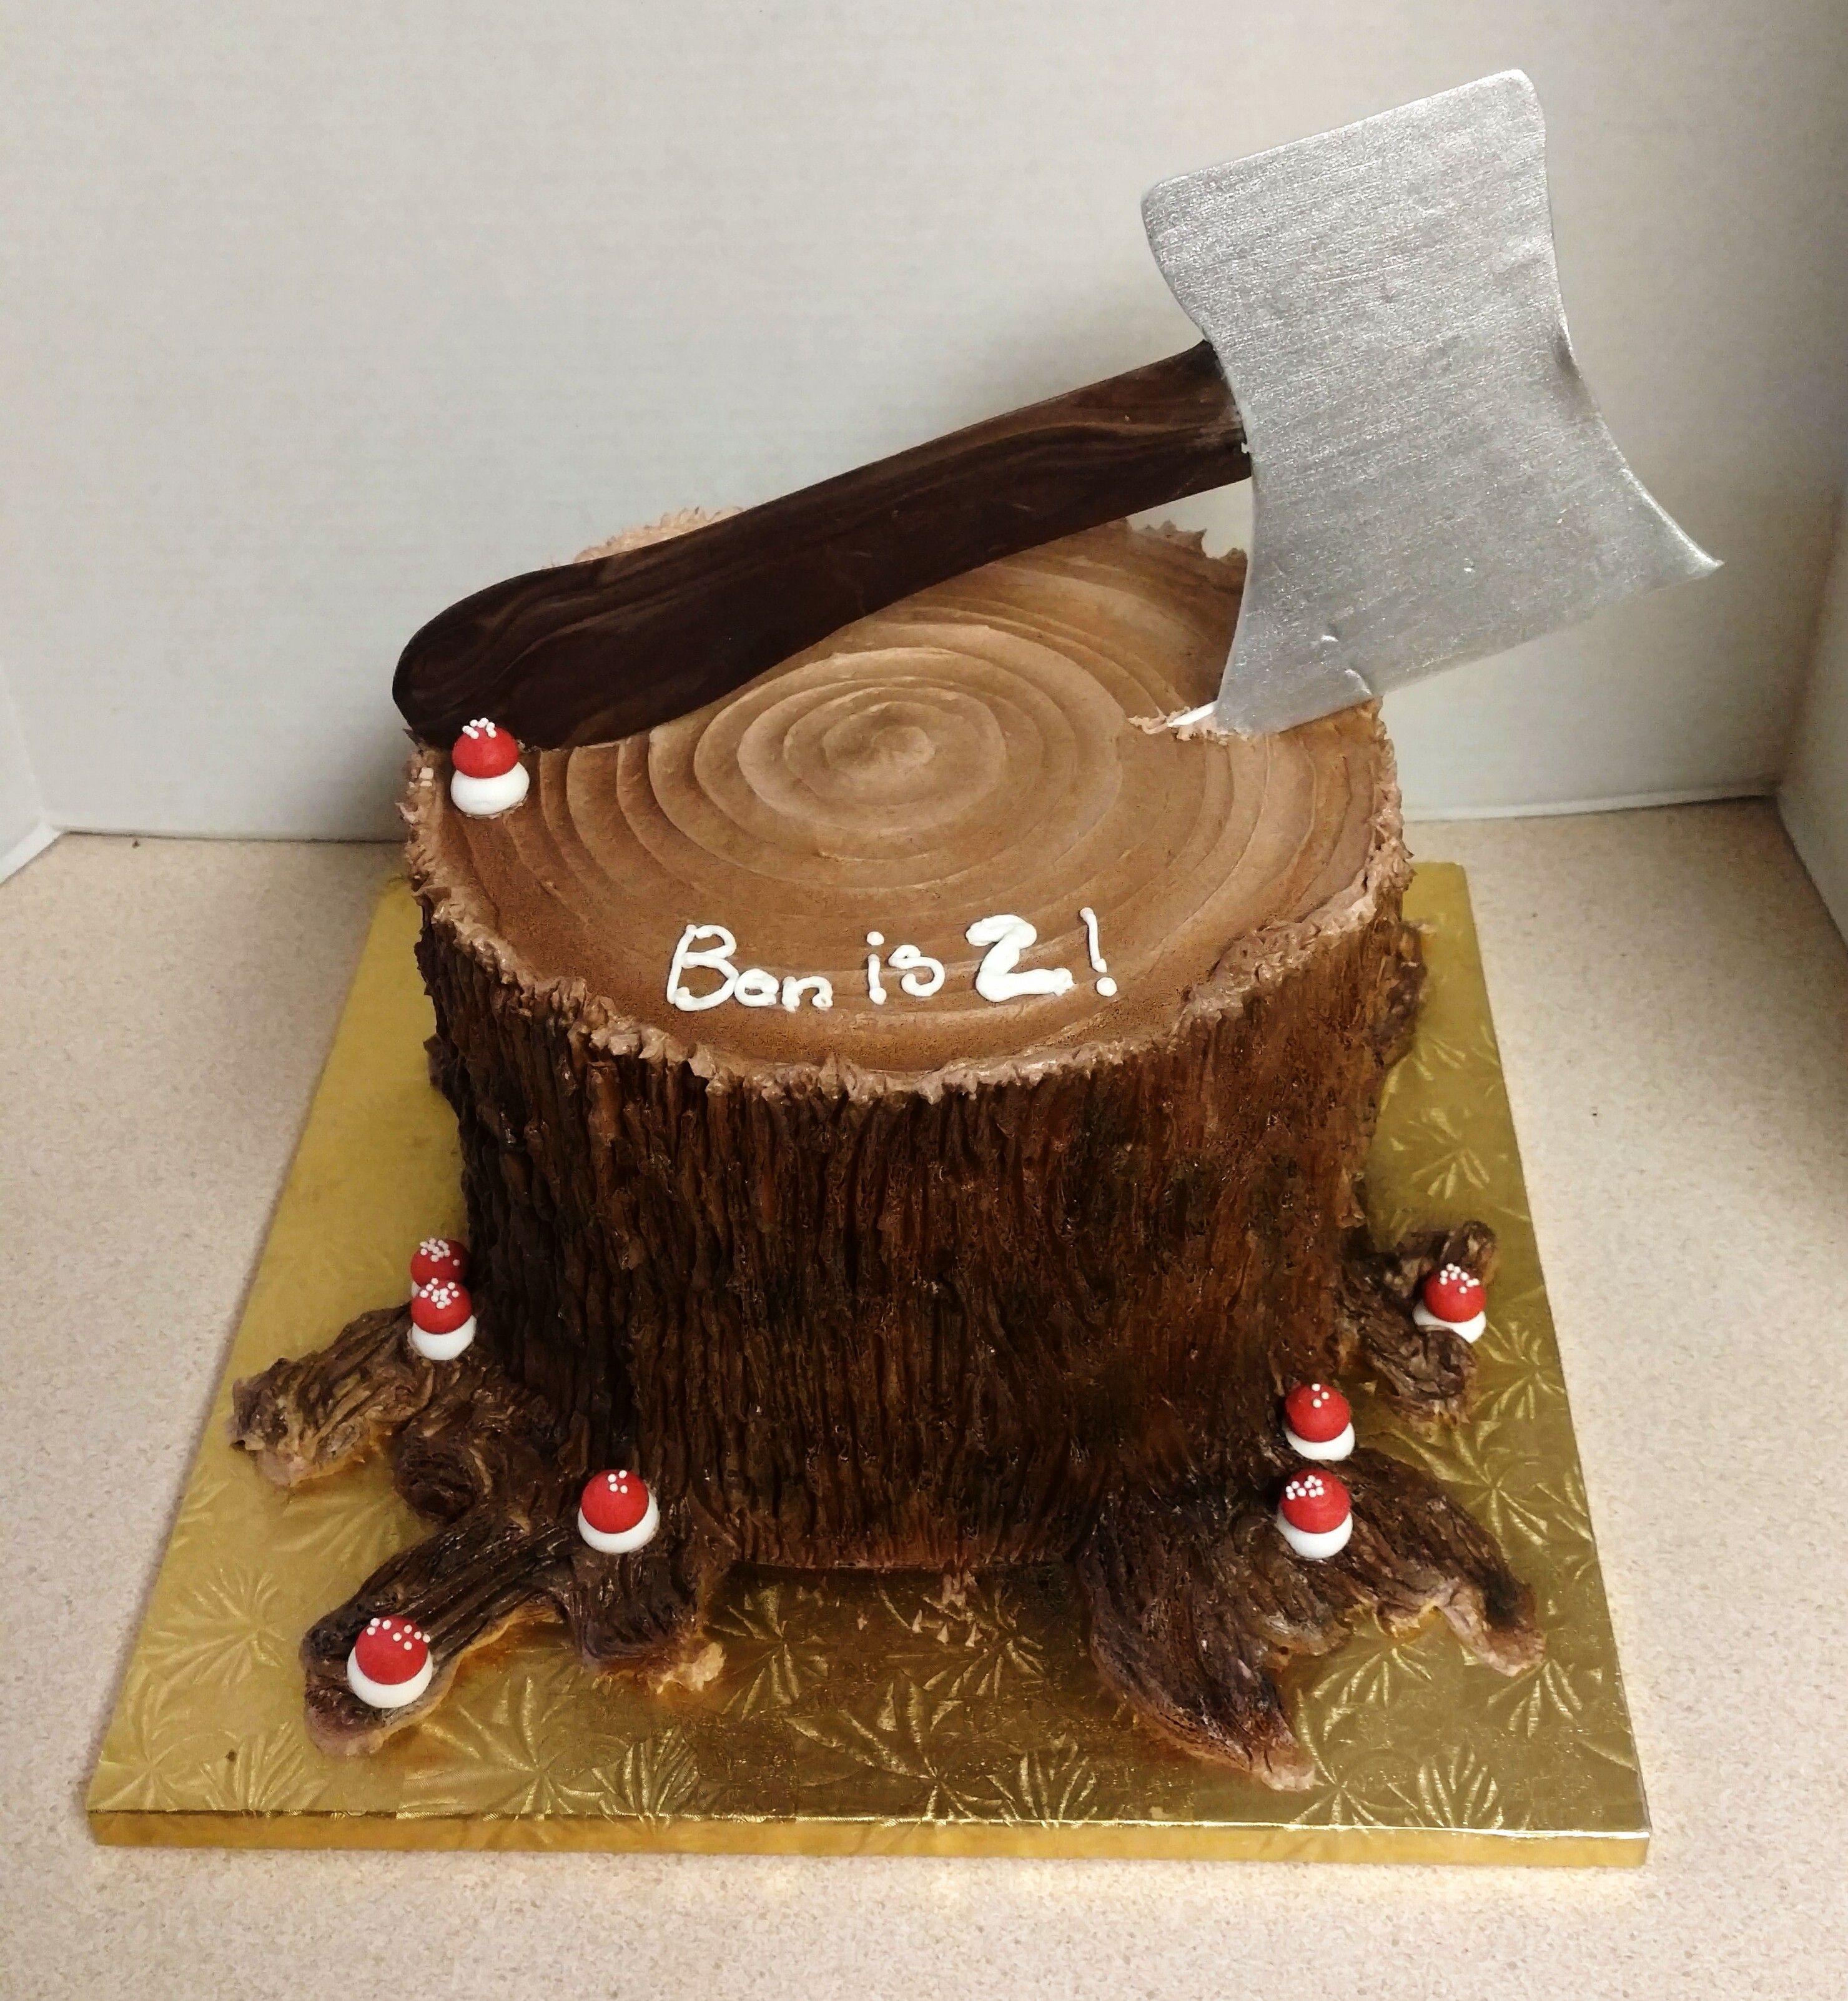 Such A Fun Birthday Cake Idea Forest Themed Gourmet Custom Cakes